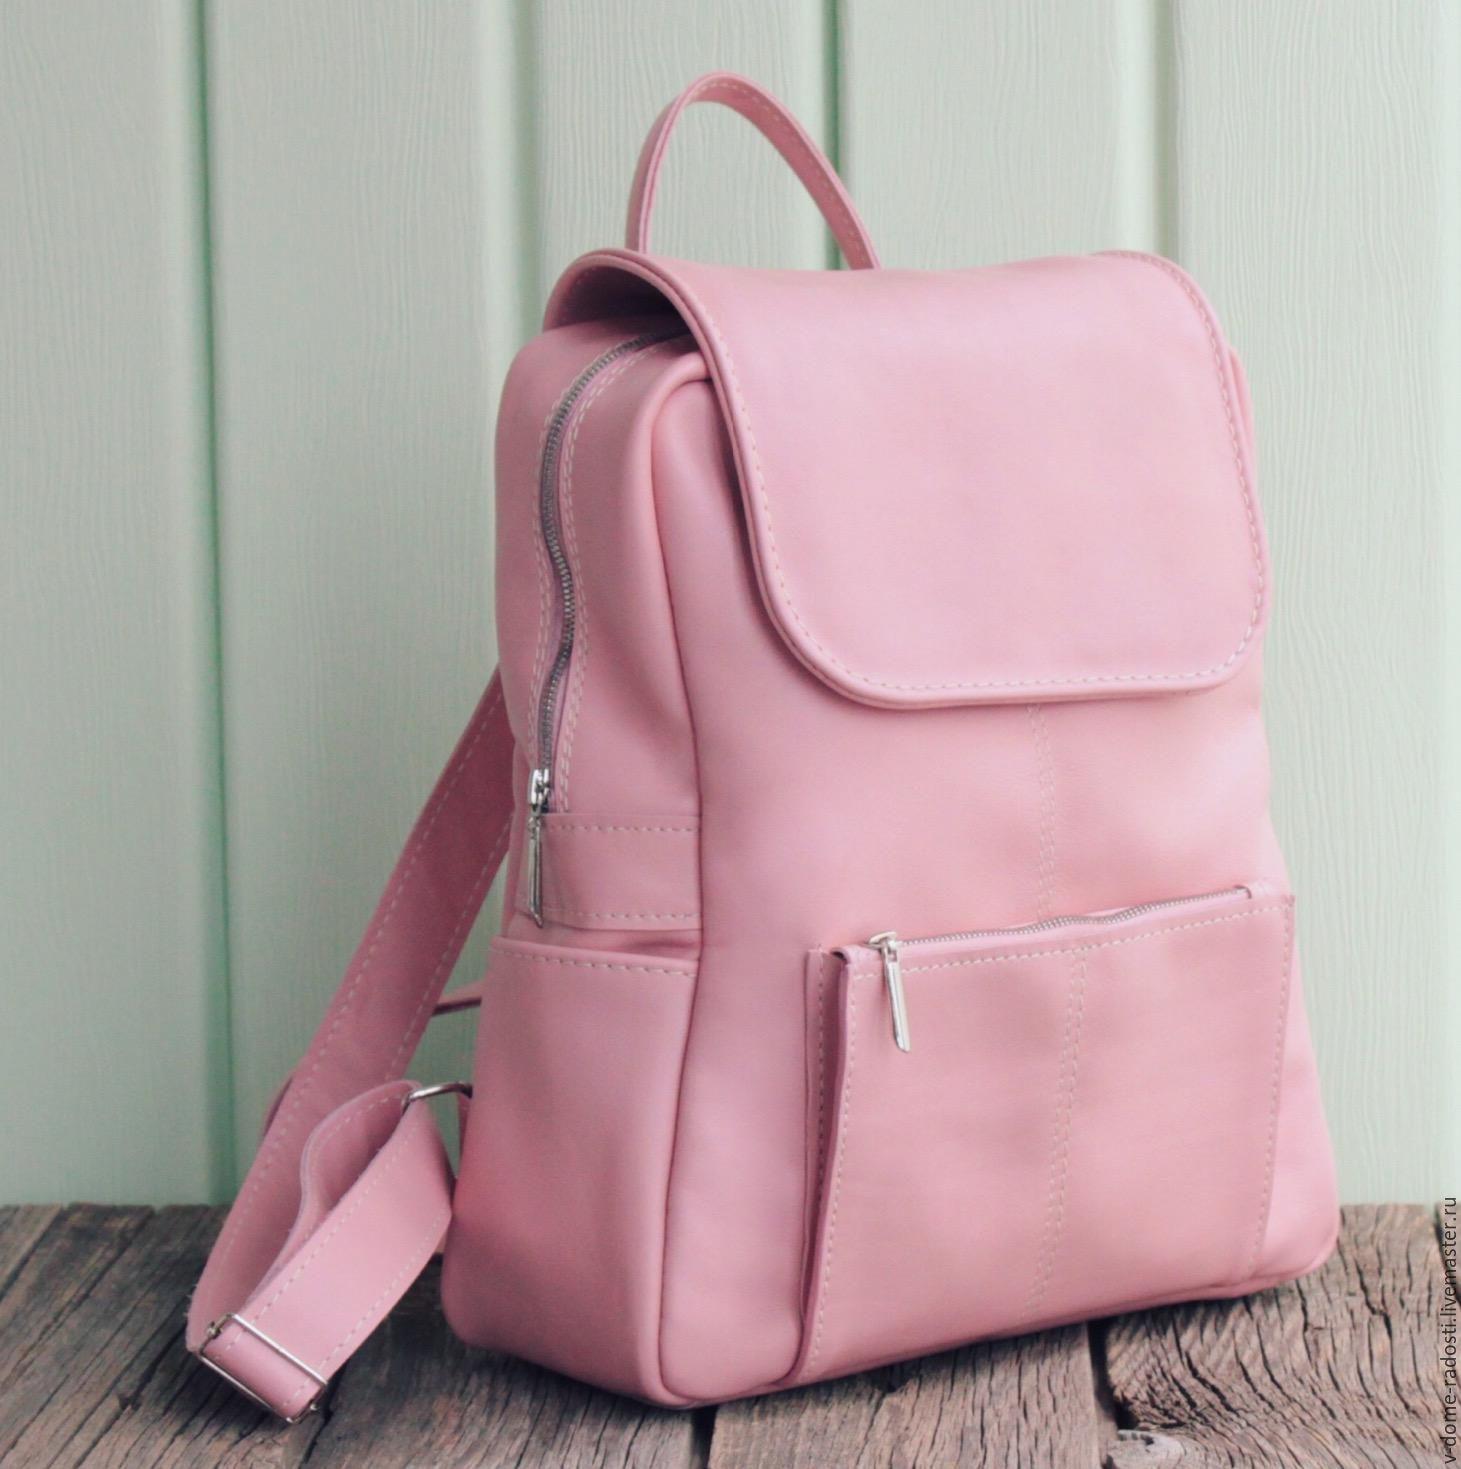 cb65e6ce284e ... Женский рюкзак, кожаный рюкзак, купить кожаный женский рюкзак,  портфель, розовый рюкзак, ...